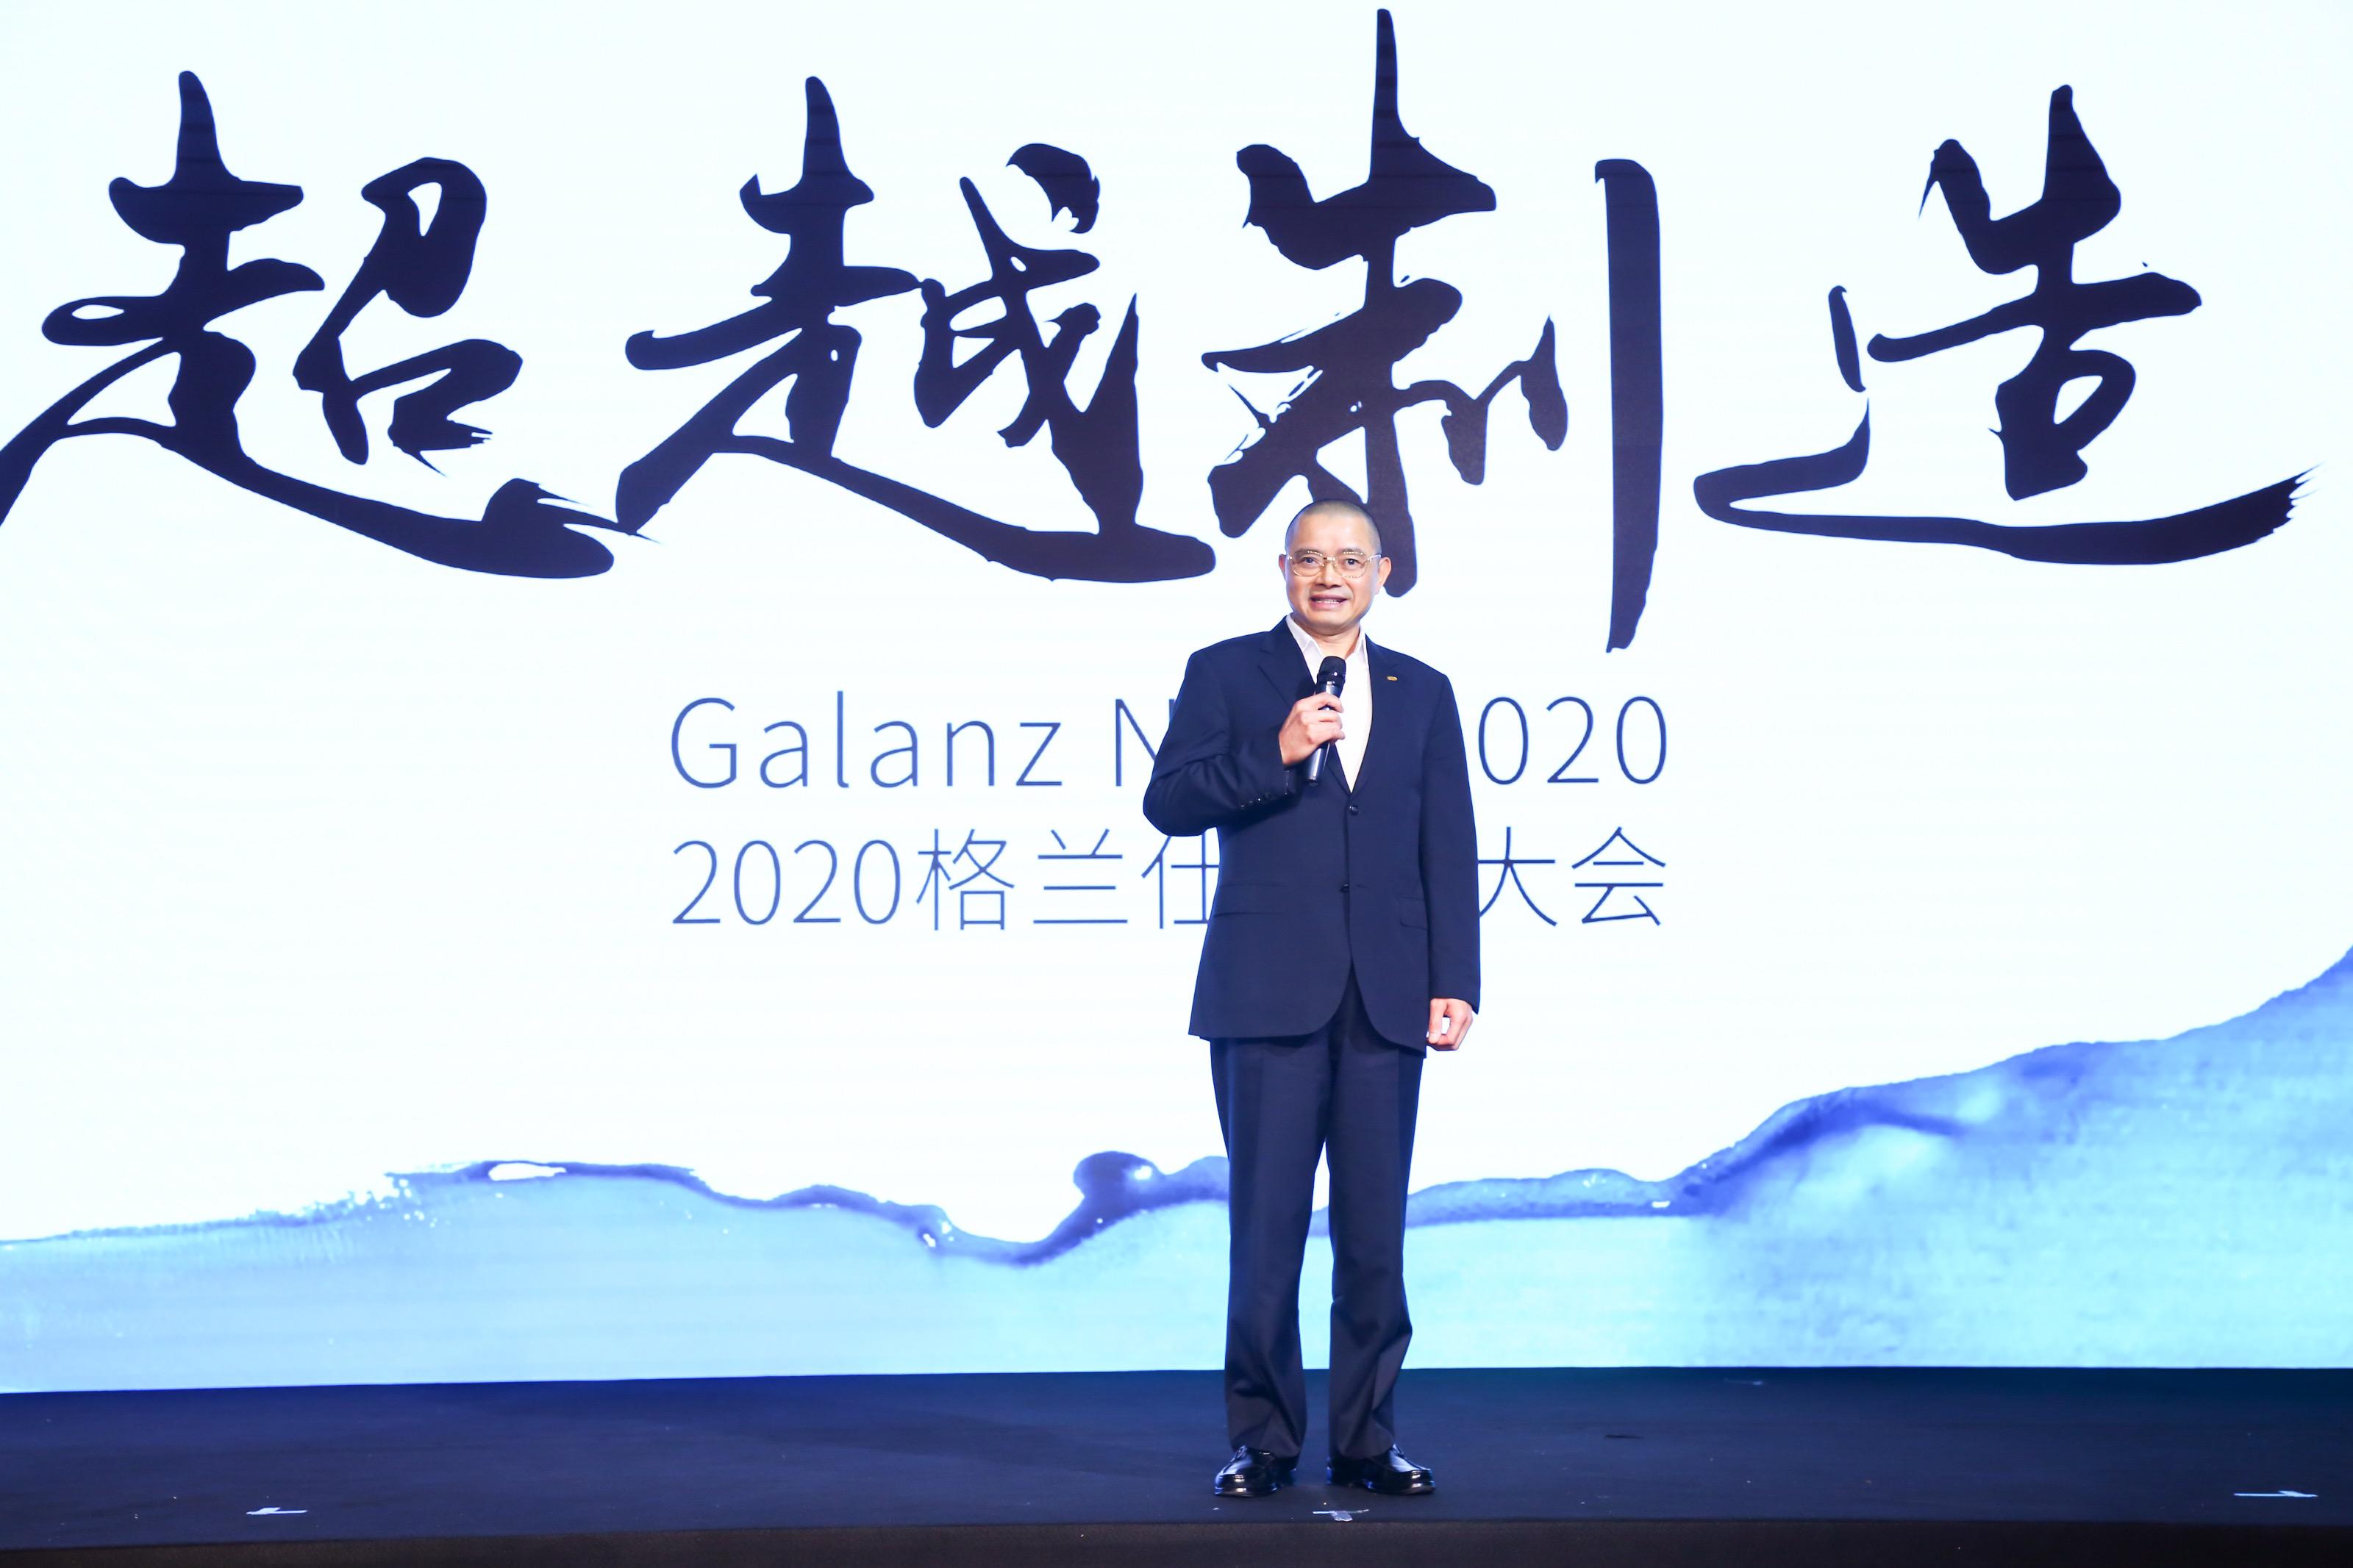 """不止会做饭的超级计算机A6 格兰仕2020年""""超越制造""""大会新看点多多"""